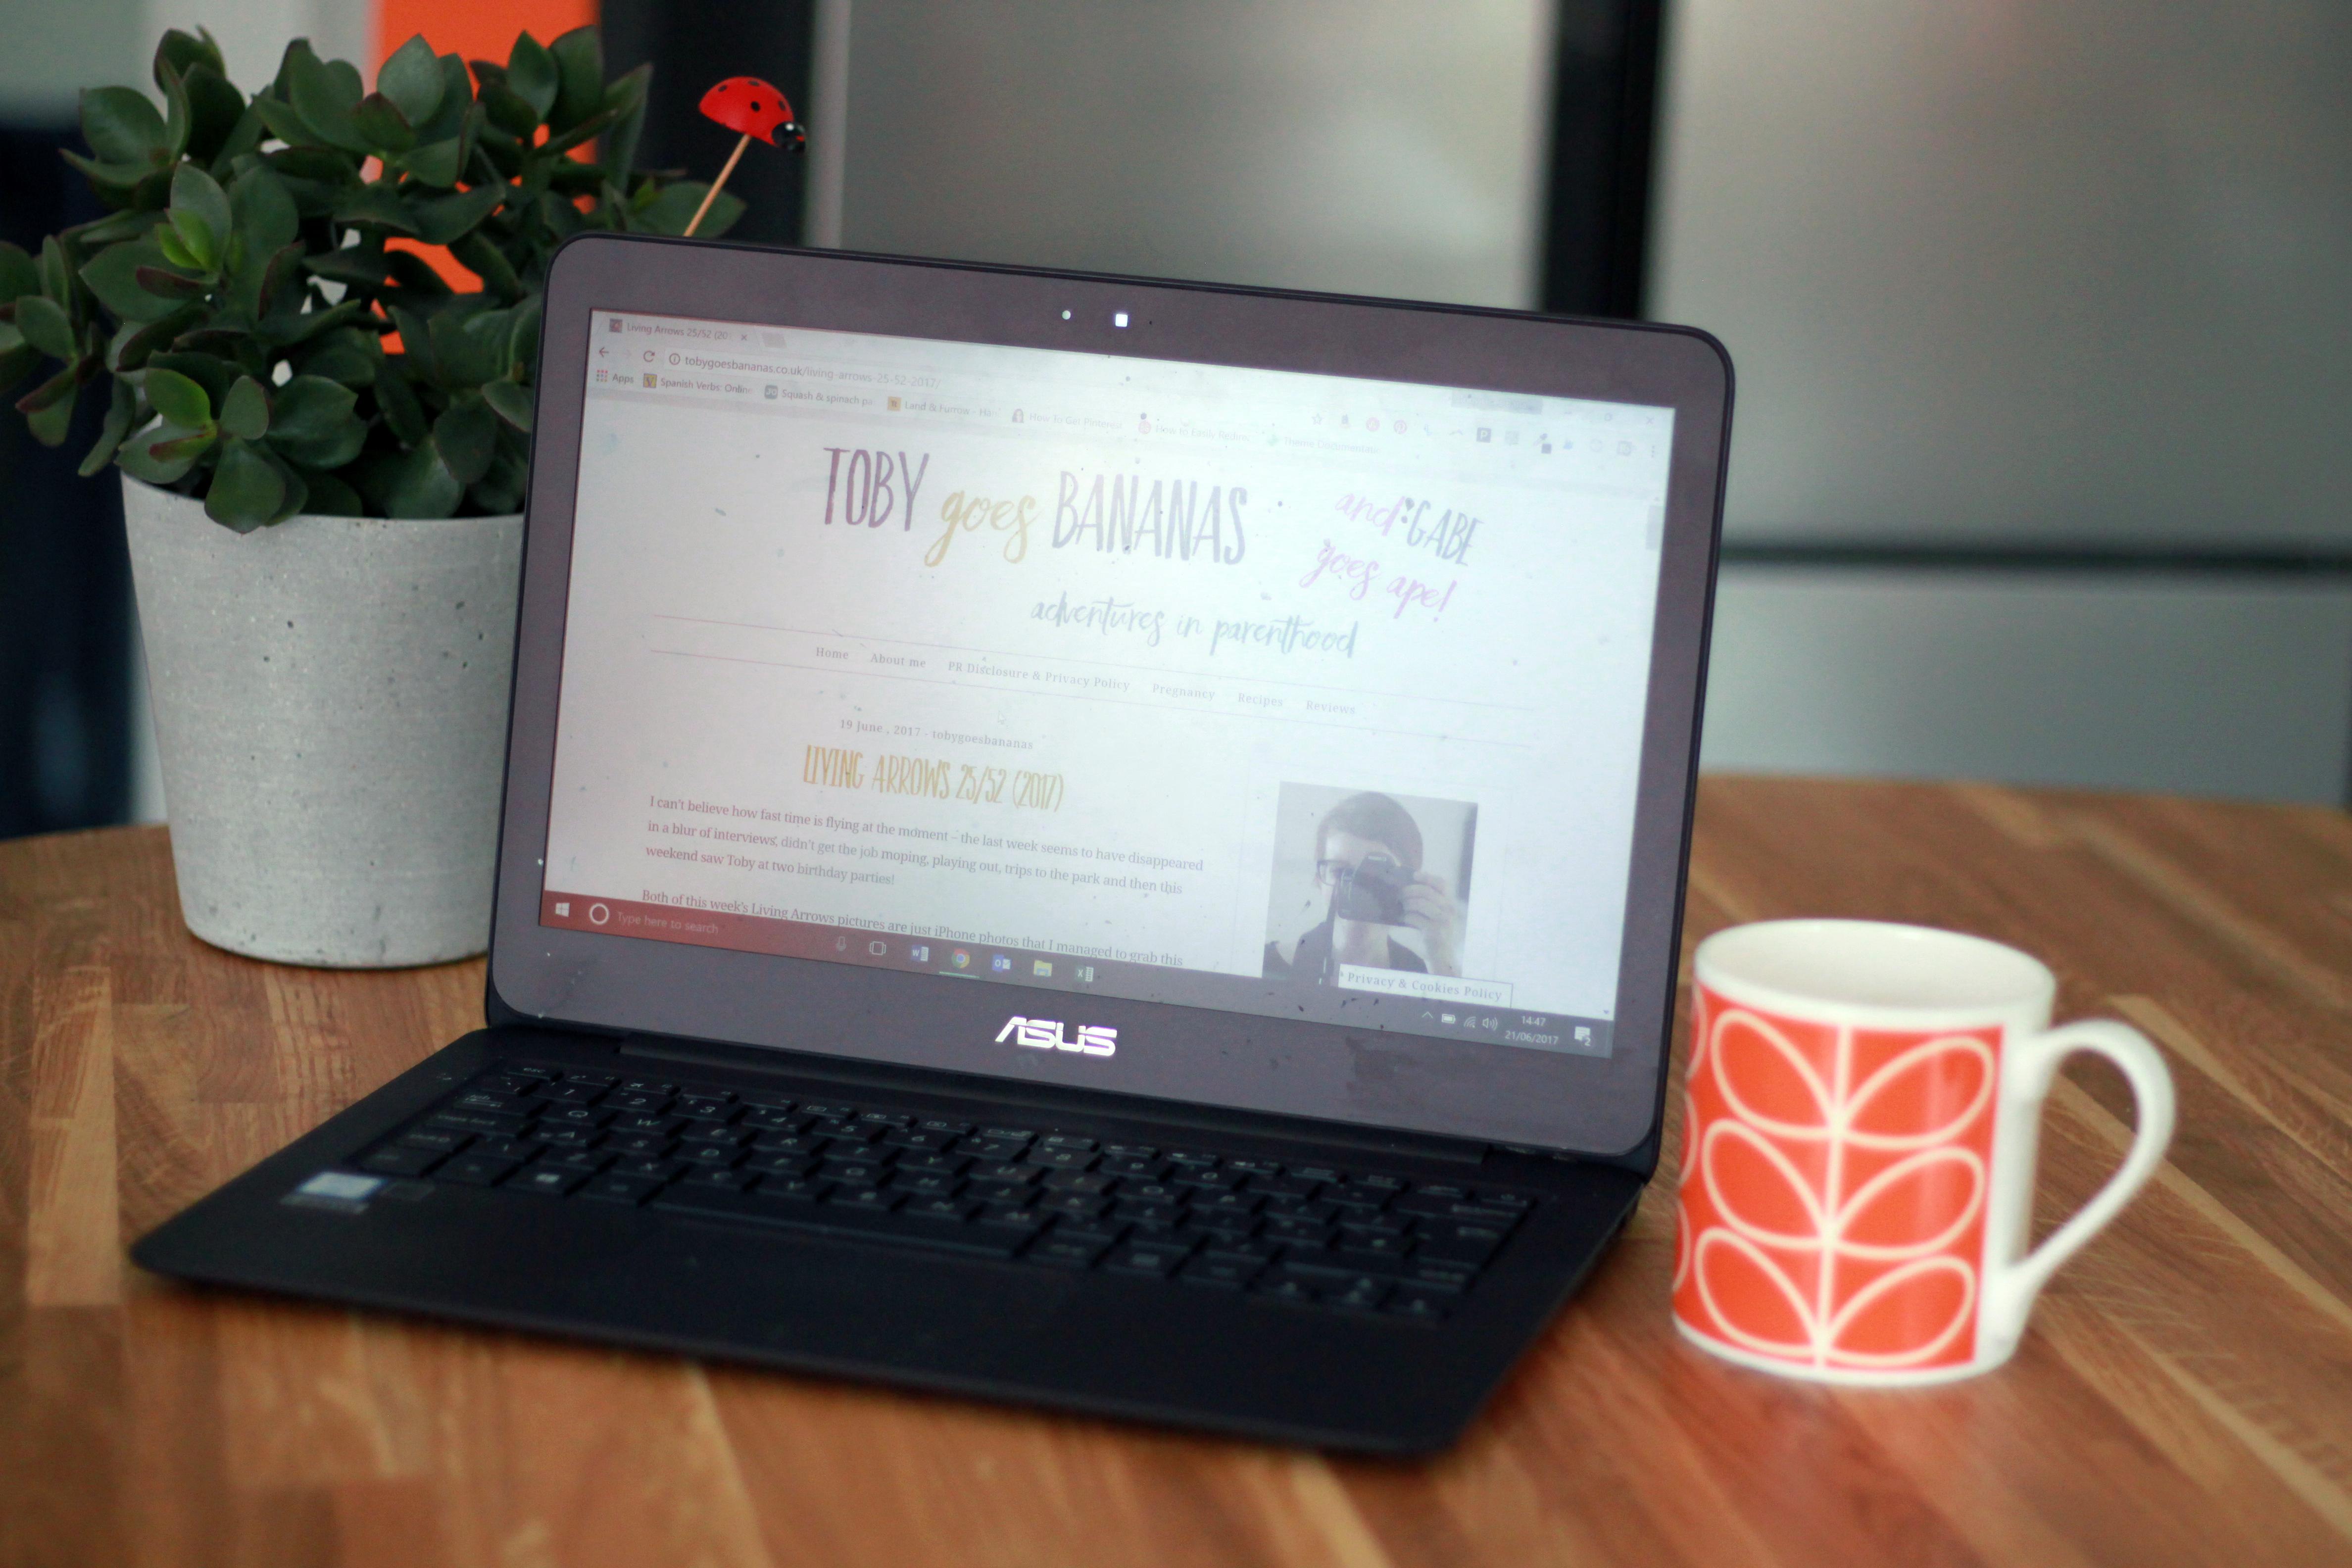 A laptop, a mug and a plant